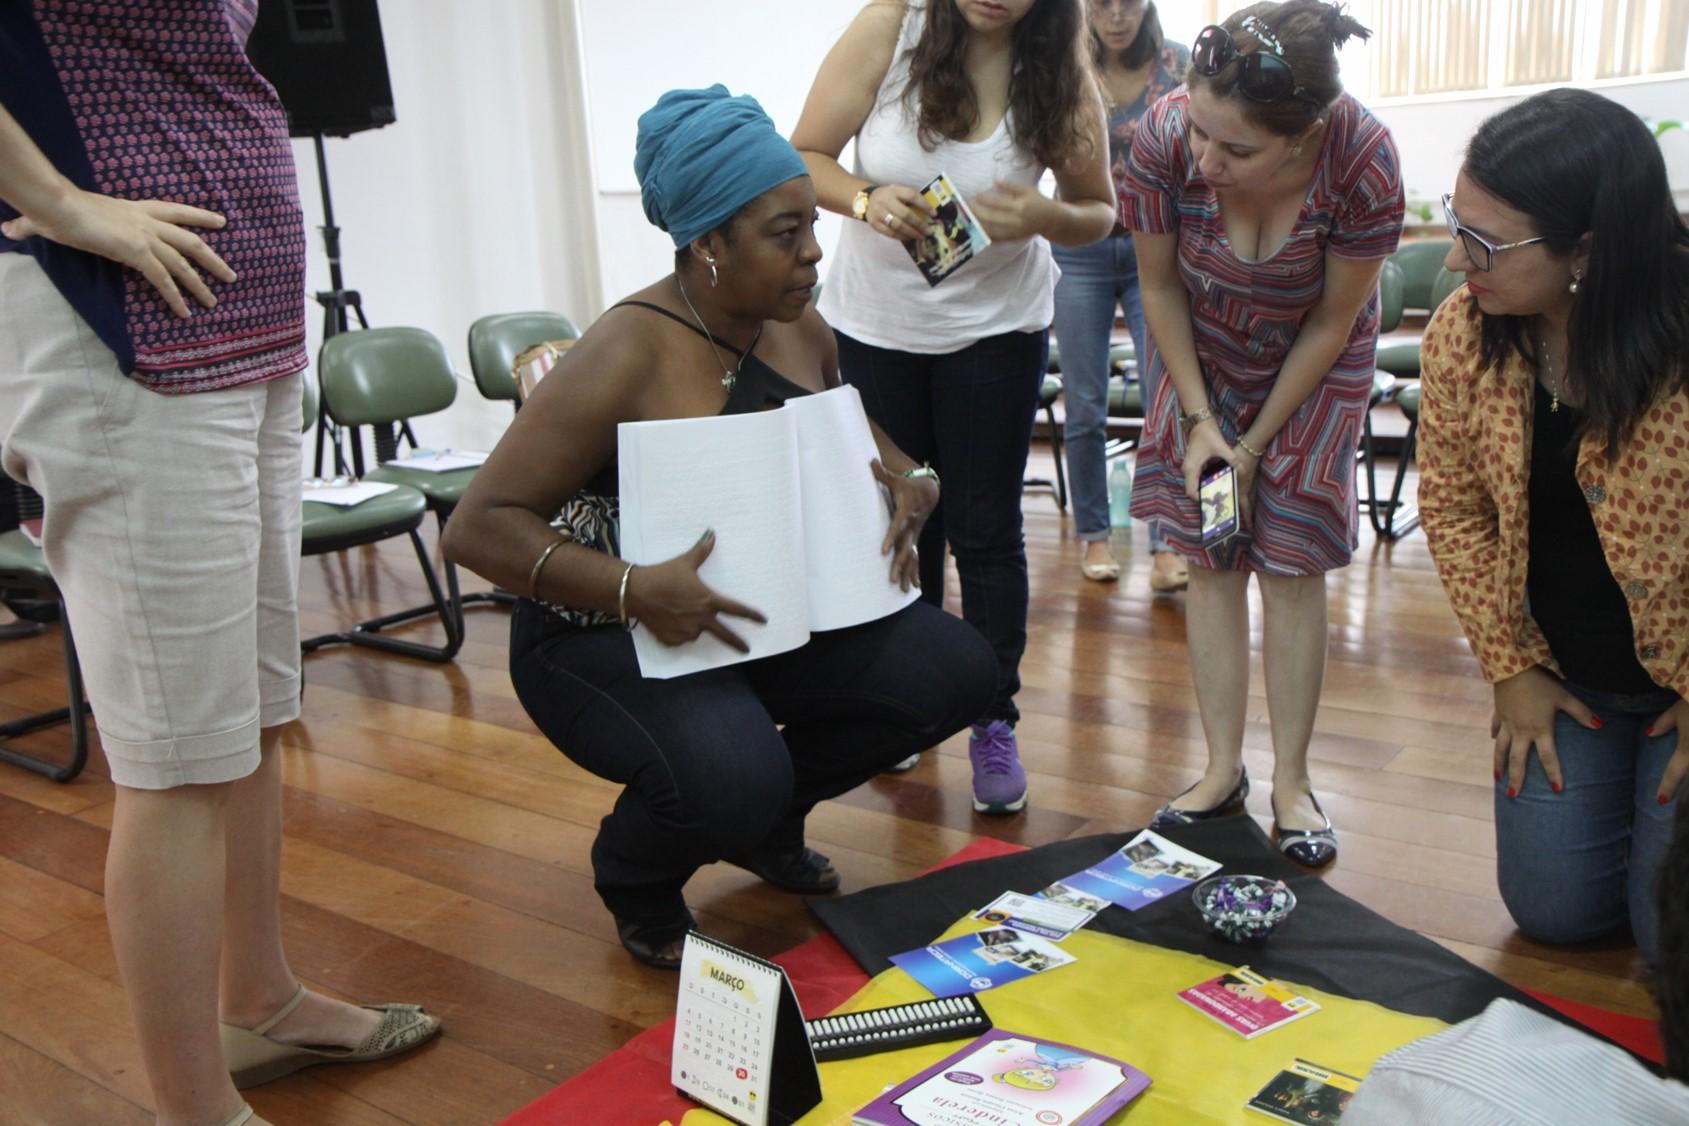 Descrição de imagem: Angelita apresenta um livro em braile à quatro participantes da oficina, que estão em pé em uma roda. No chão, há uma toalha preta com diversos livros dispostos e o calendário acessível 2018 da Fundação Dorina.